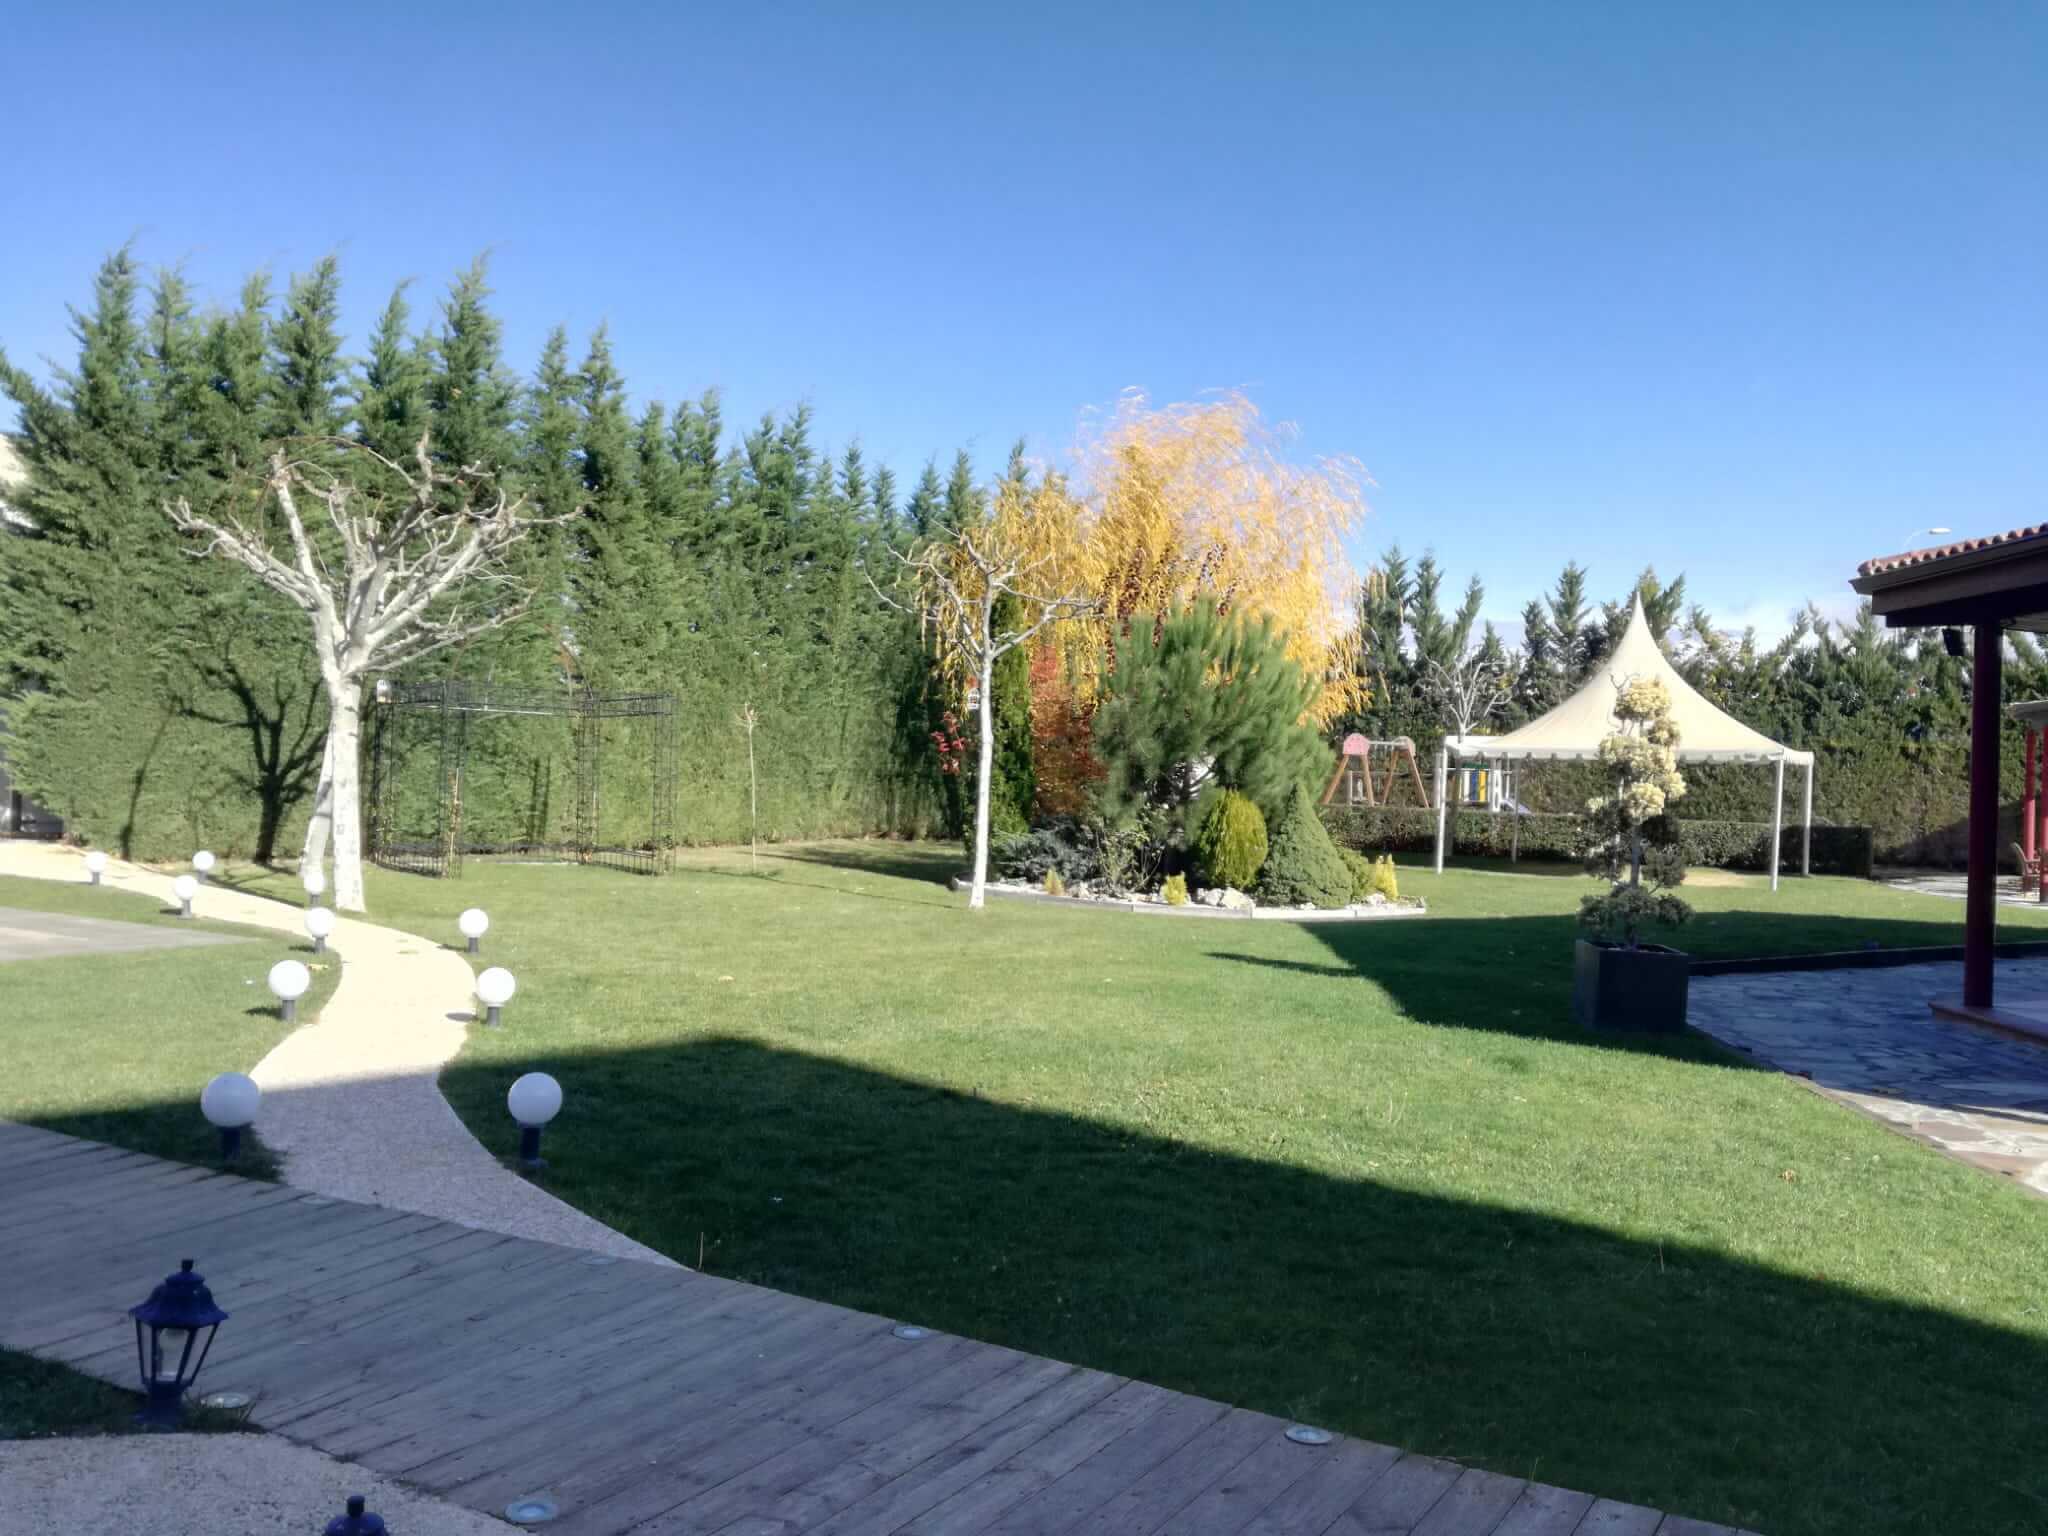 Diseño de jardín bonito